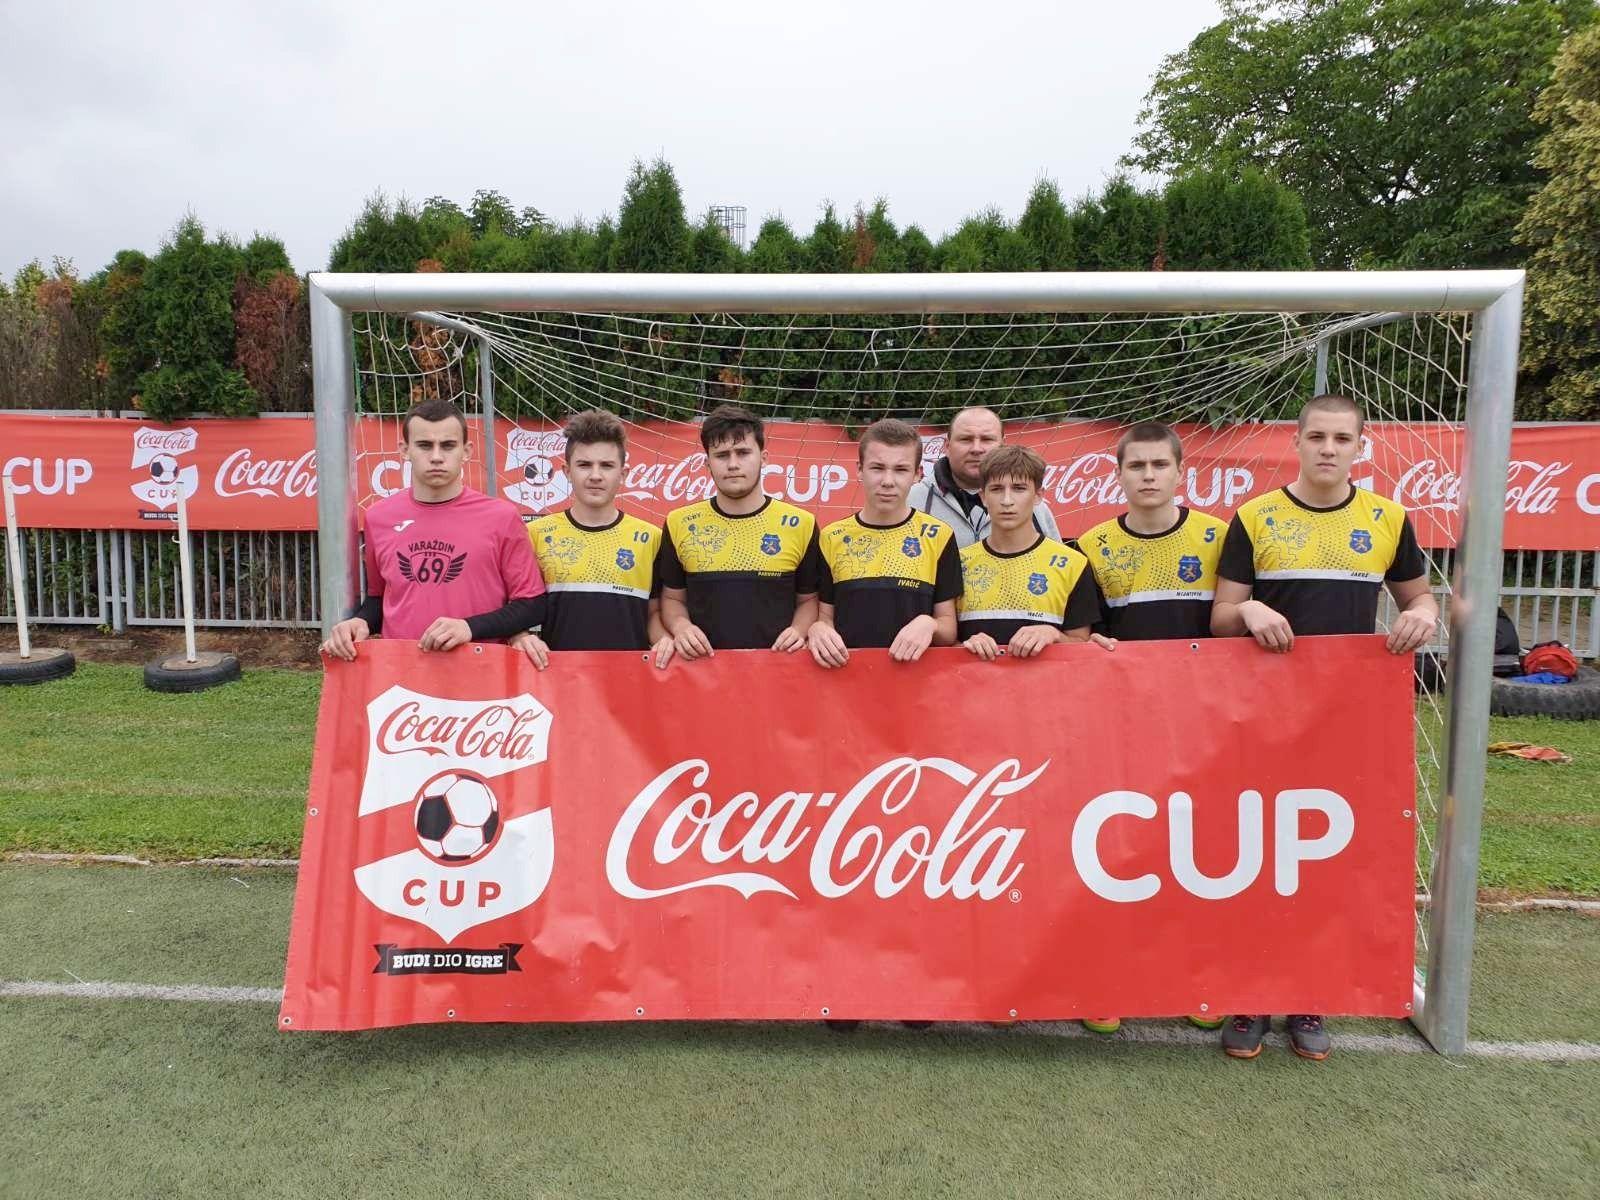 (FOTO) OPG Franjić i Družba Pere Kvržice pobjednici završnog Coca-Cola Cup turnira Bjelovarsko-bilogorske županije